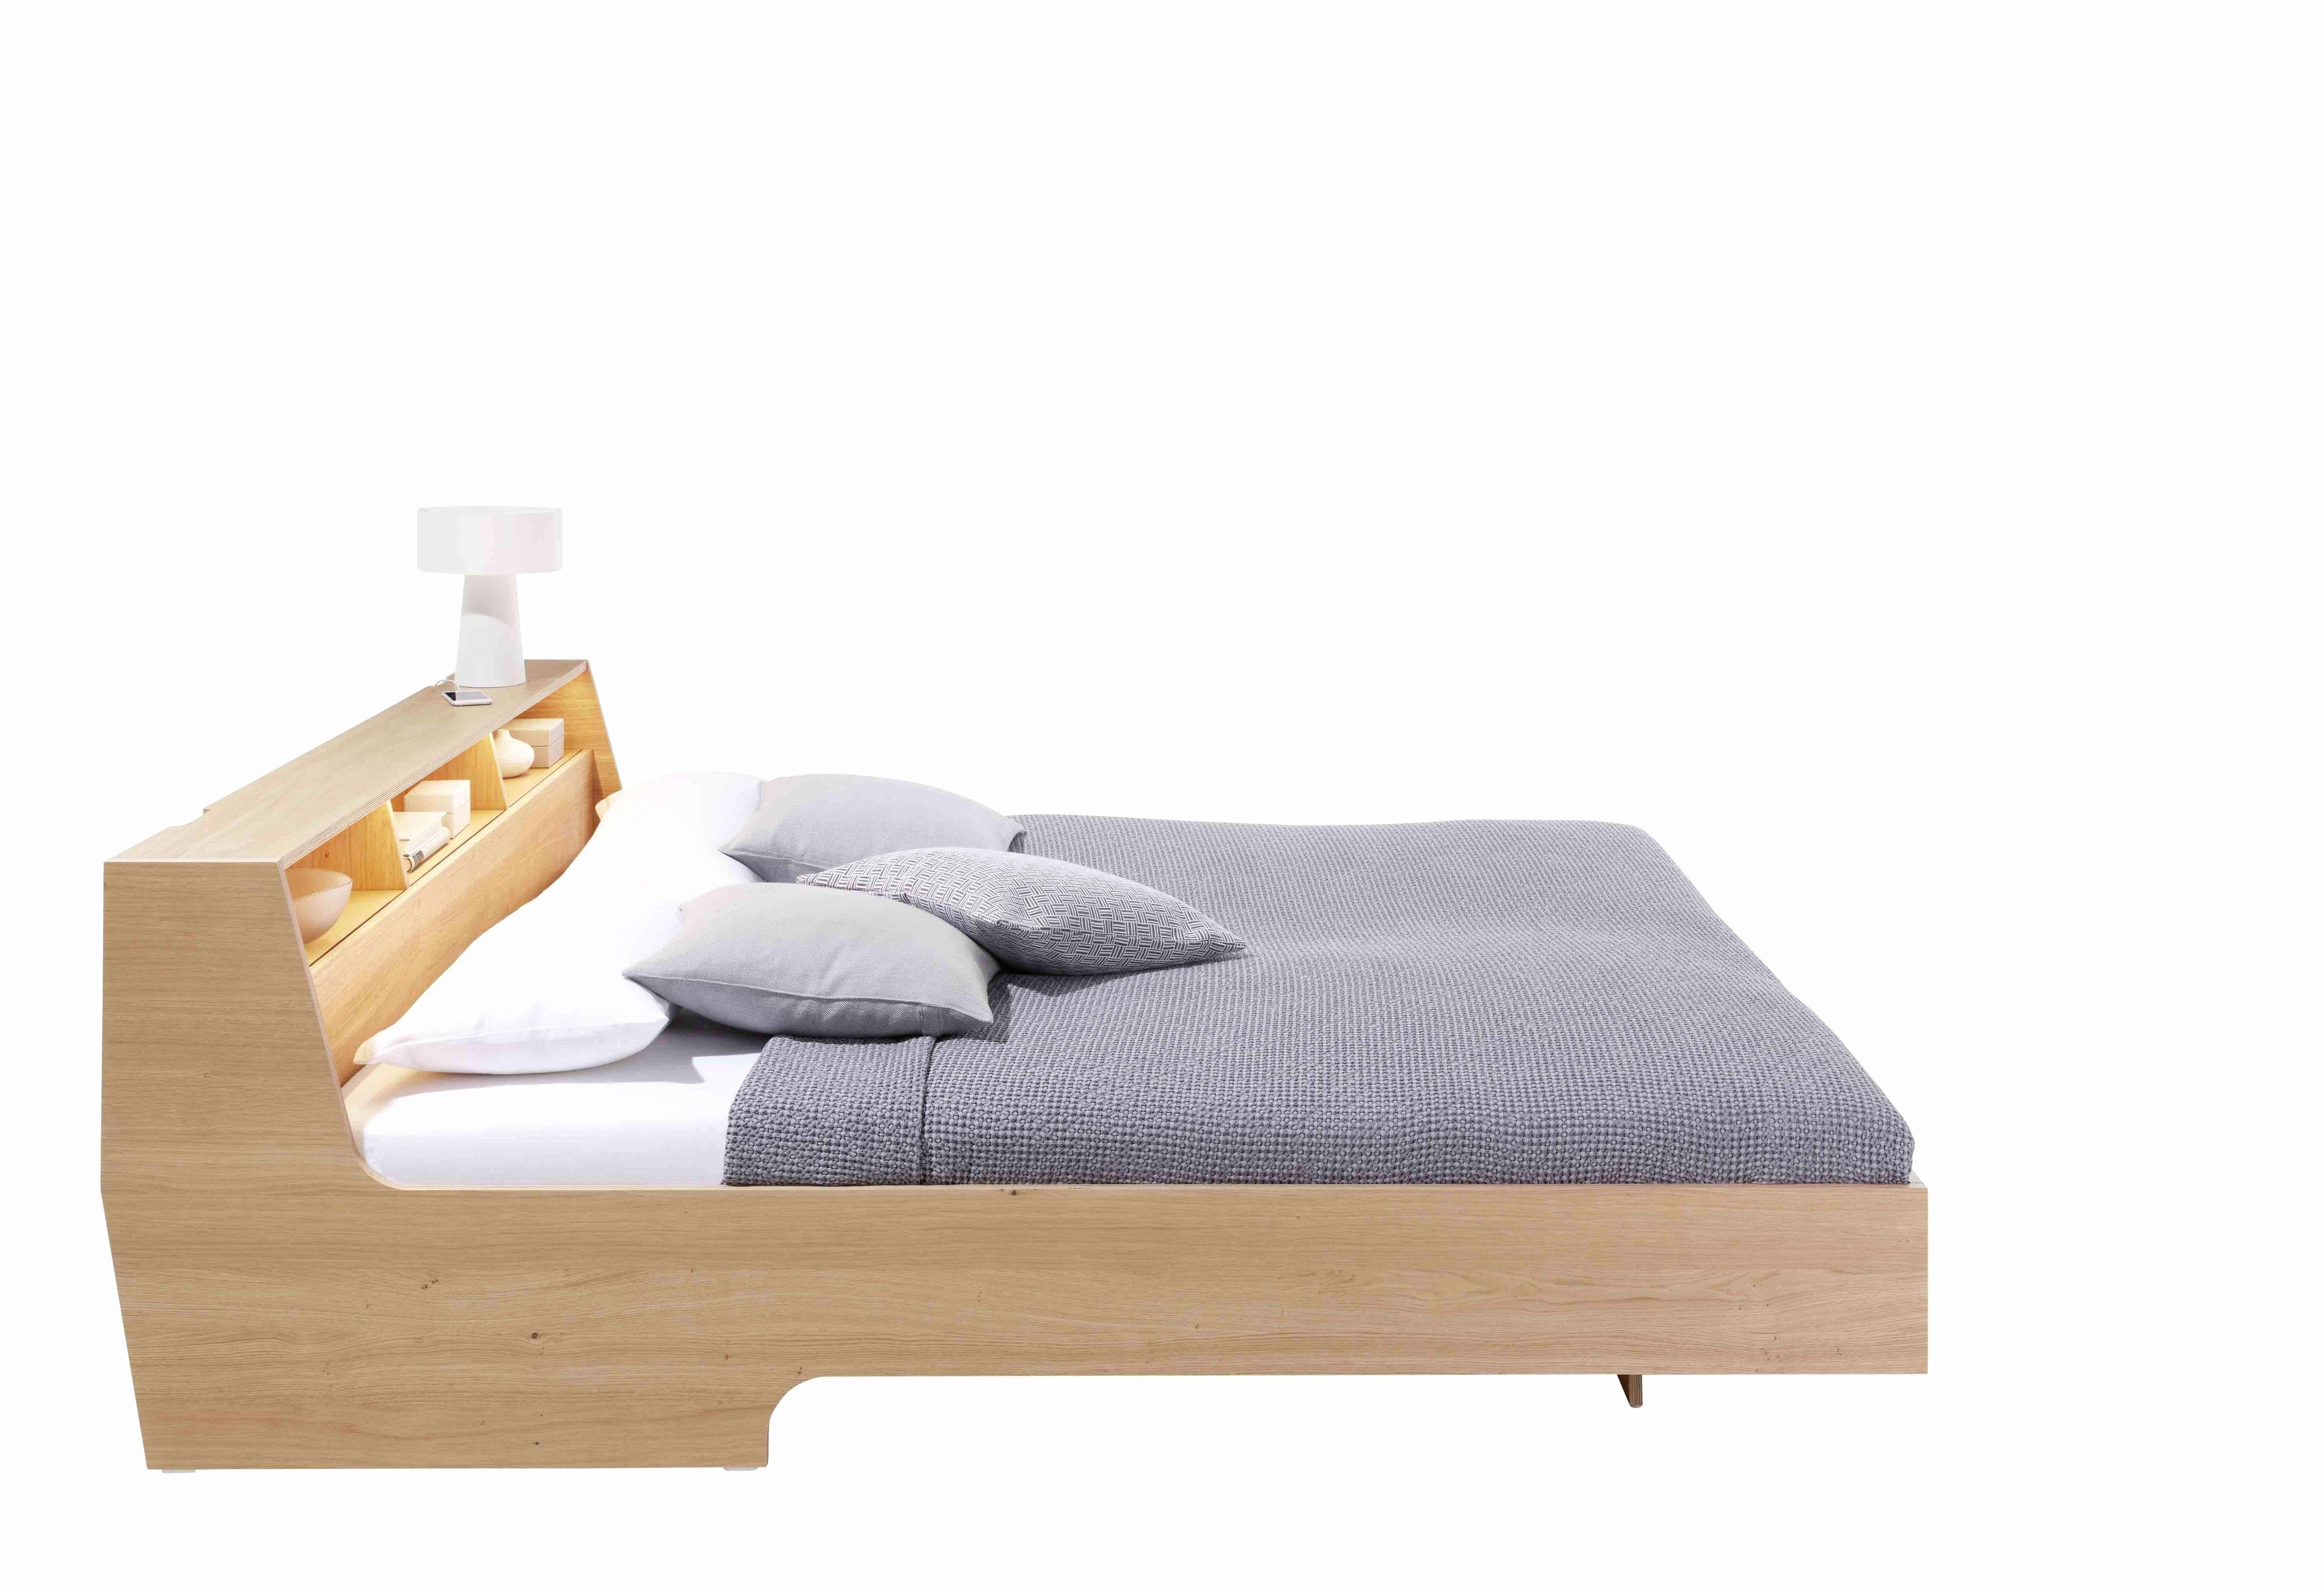 Welche Matratze Ist Die Beste Fresh Welche Matratze Ist Die Beste Einzig Roller Matratzen 140